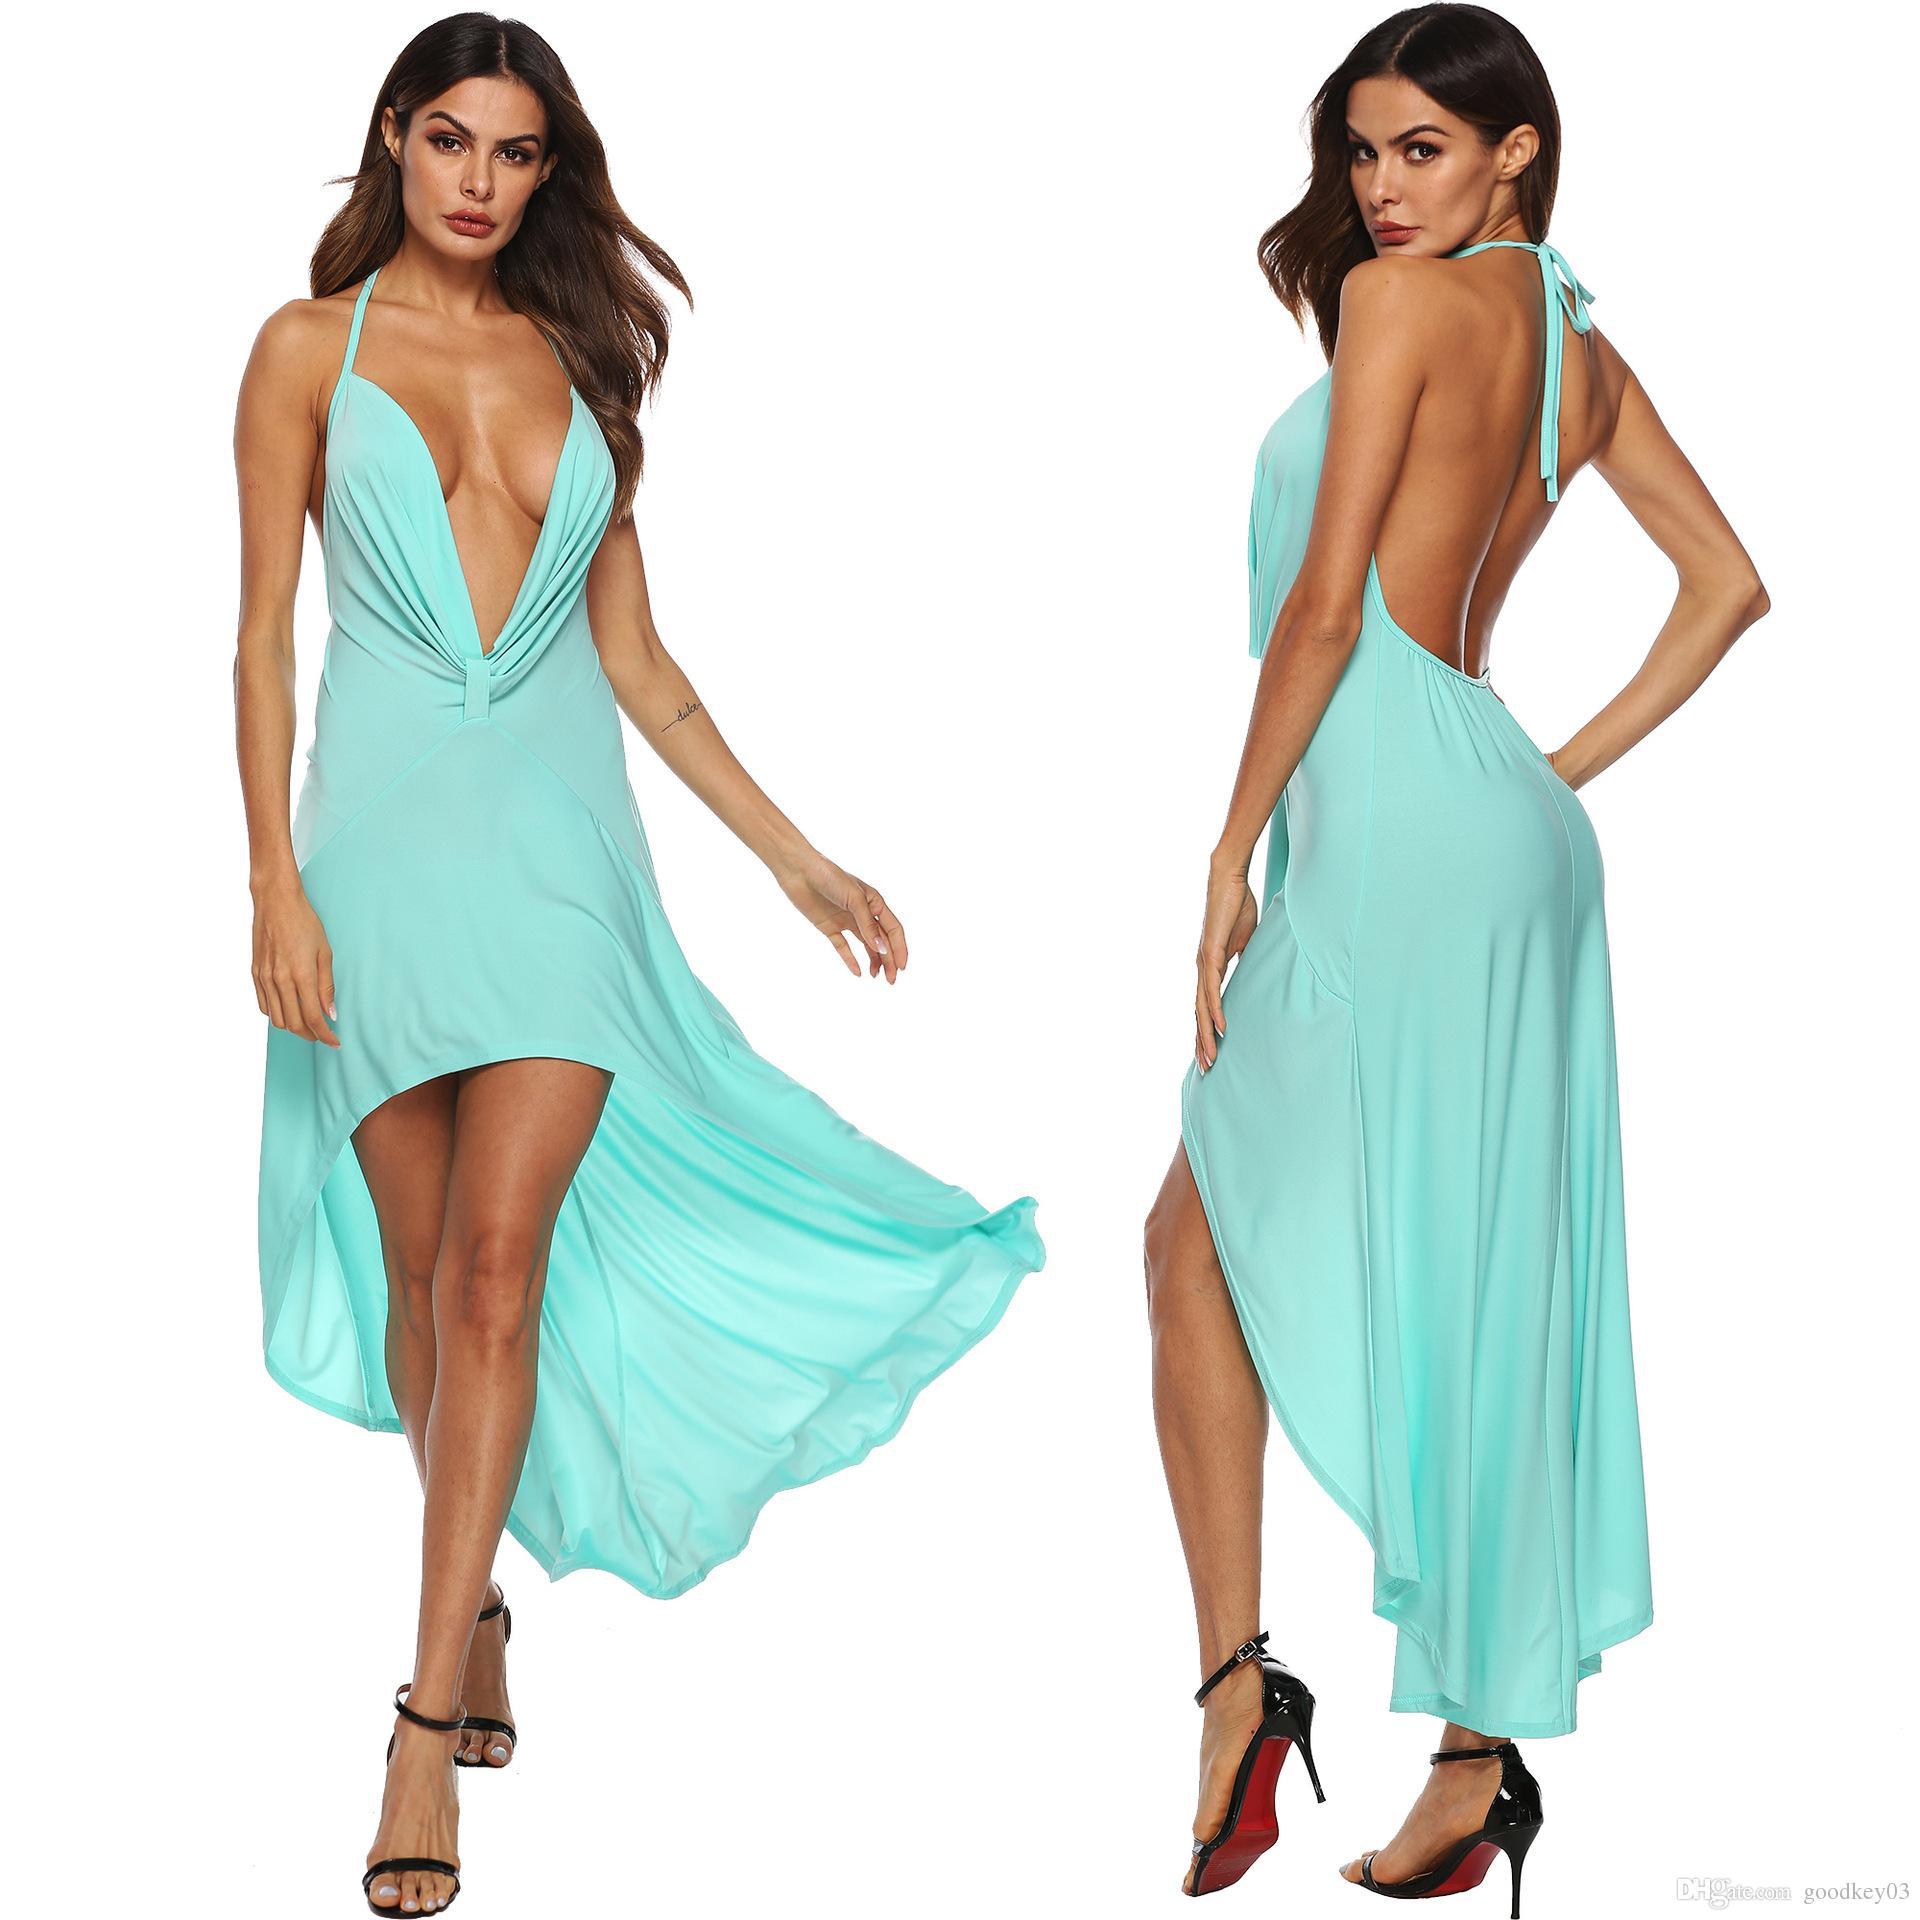 84375754c245 2019 Mode Sexy Kleid Frauen Solide Halter Tiefem V-ausschnitt Backless  Asymmetrische Strand Langes Kleid Vestidos Dropshipping